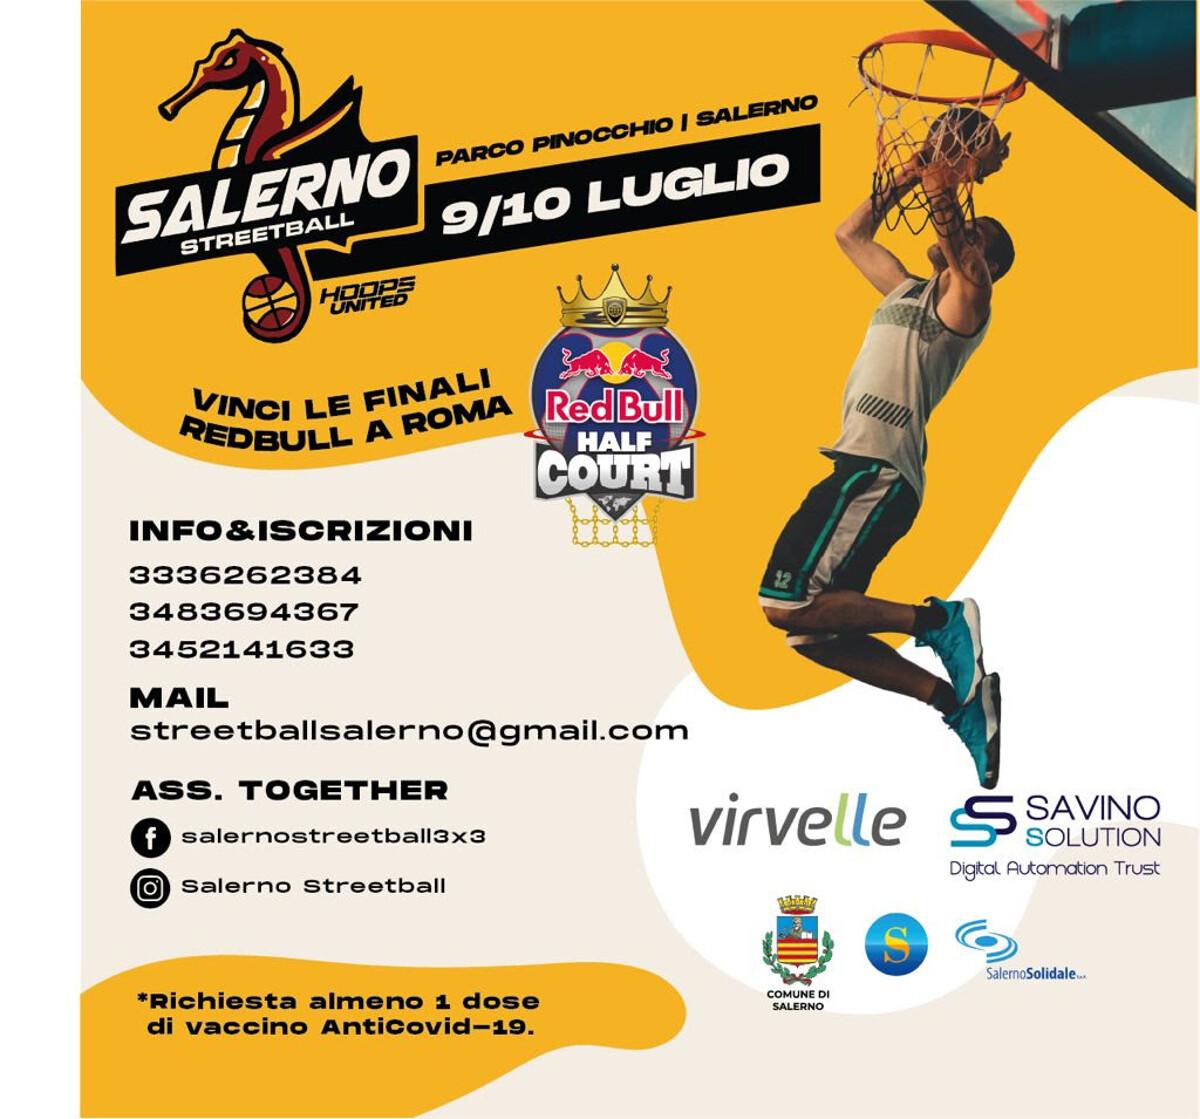 Parco Pinocchio, il 9/10 luglio ritorna il basket di strada a Salerno